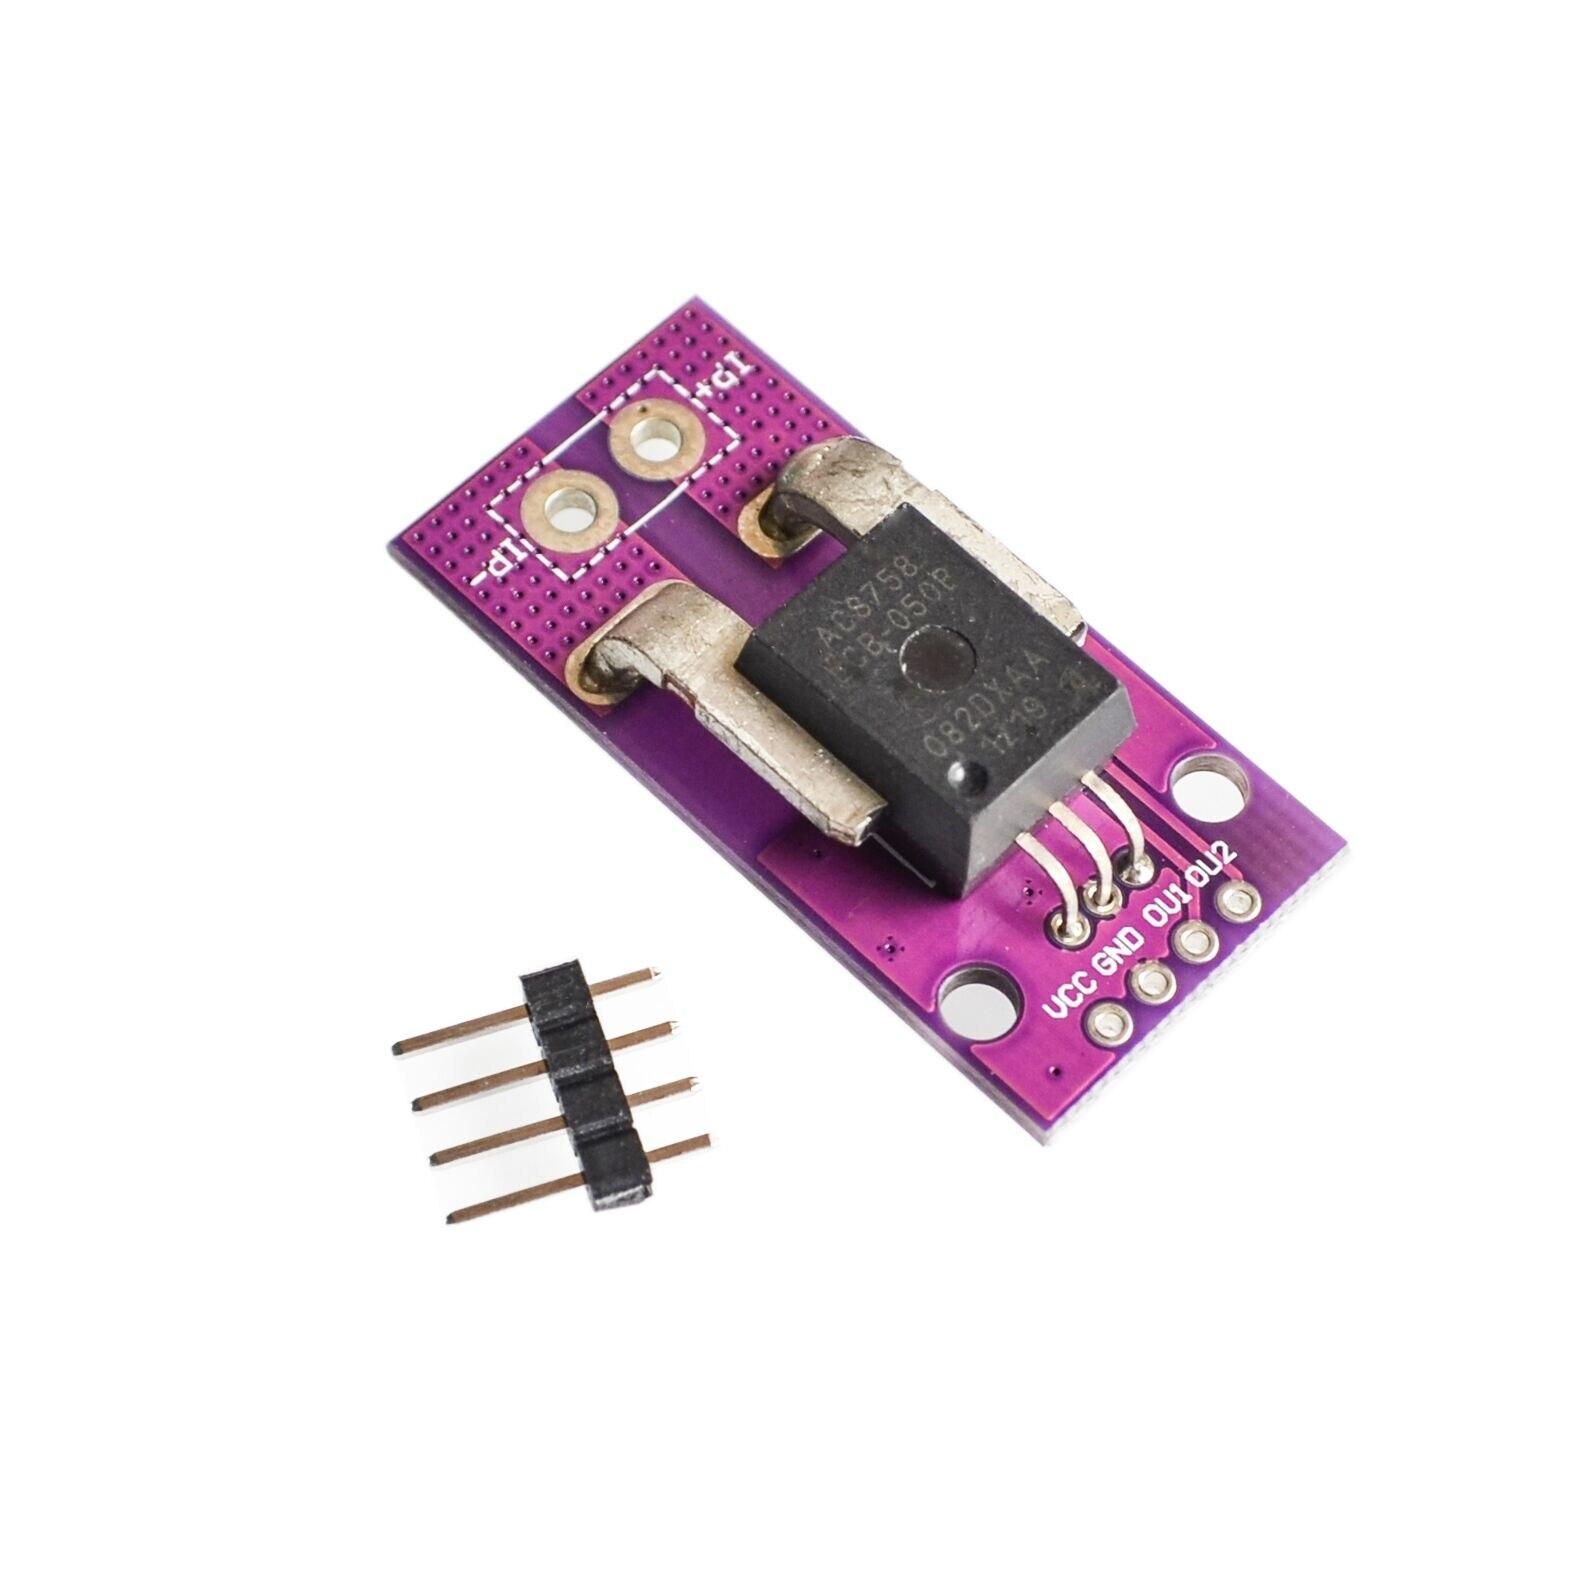 Датчик тока холла, CJMCU-758, линейный датчик тока